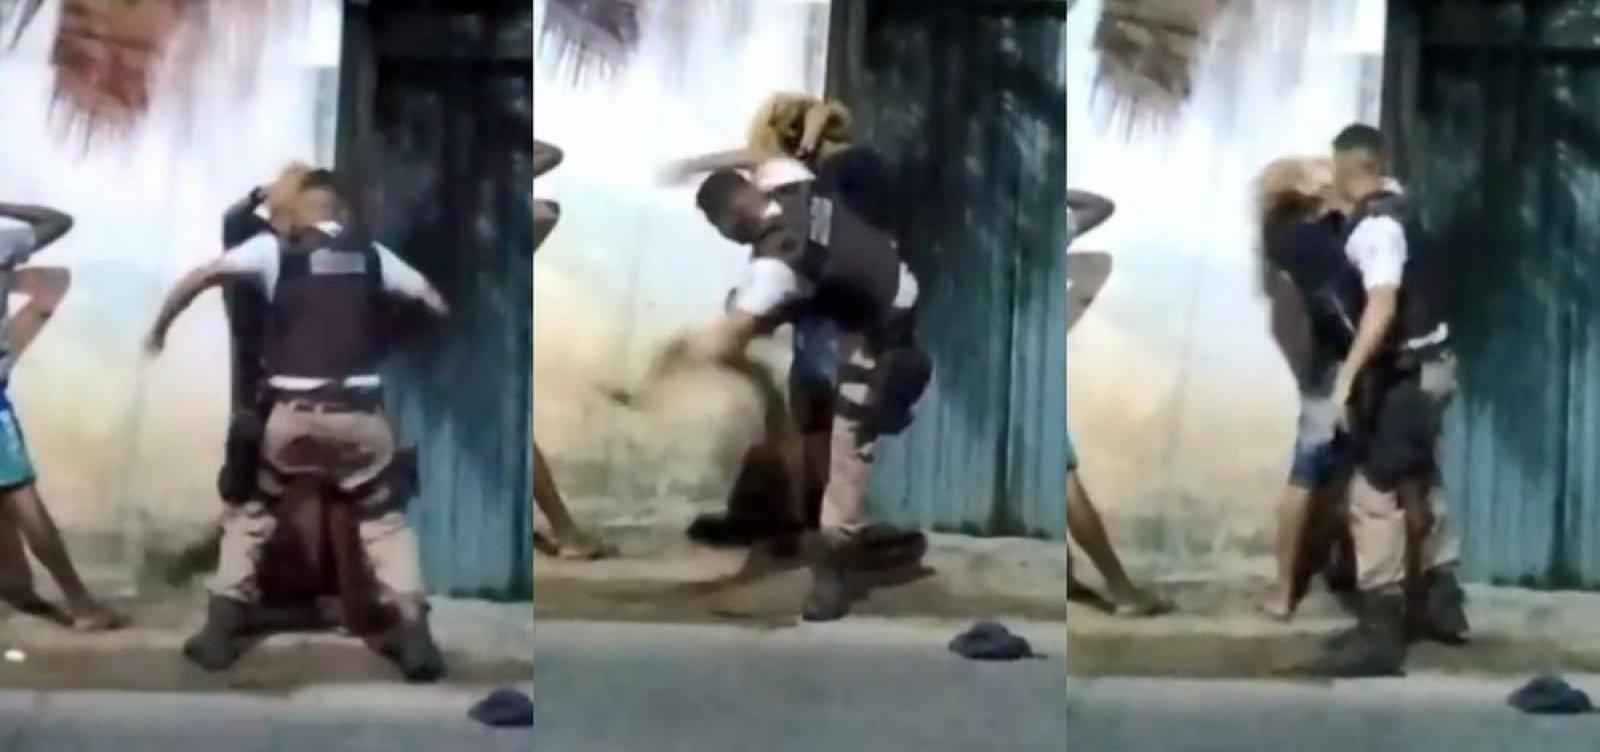 [PM agride jovem em Salvador: 'Olha essa desgraça desse cabelo'; vídeo]